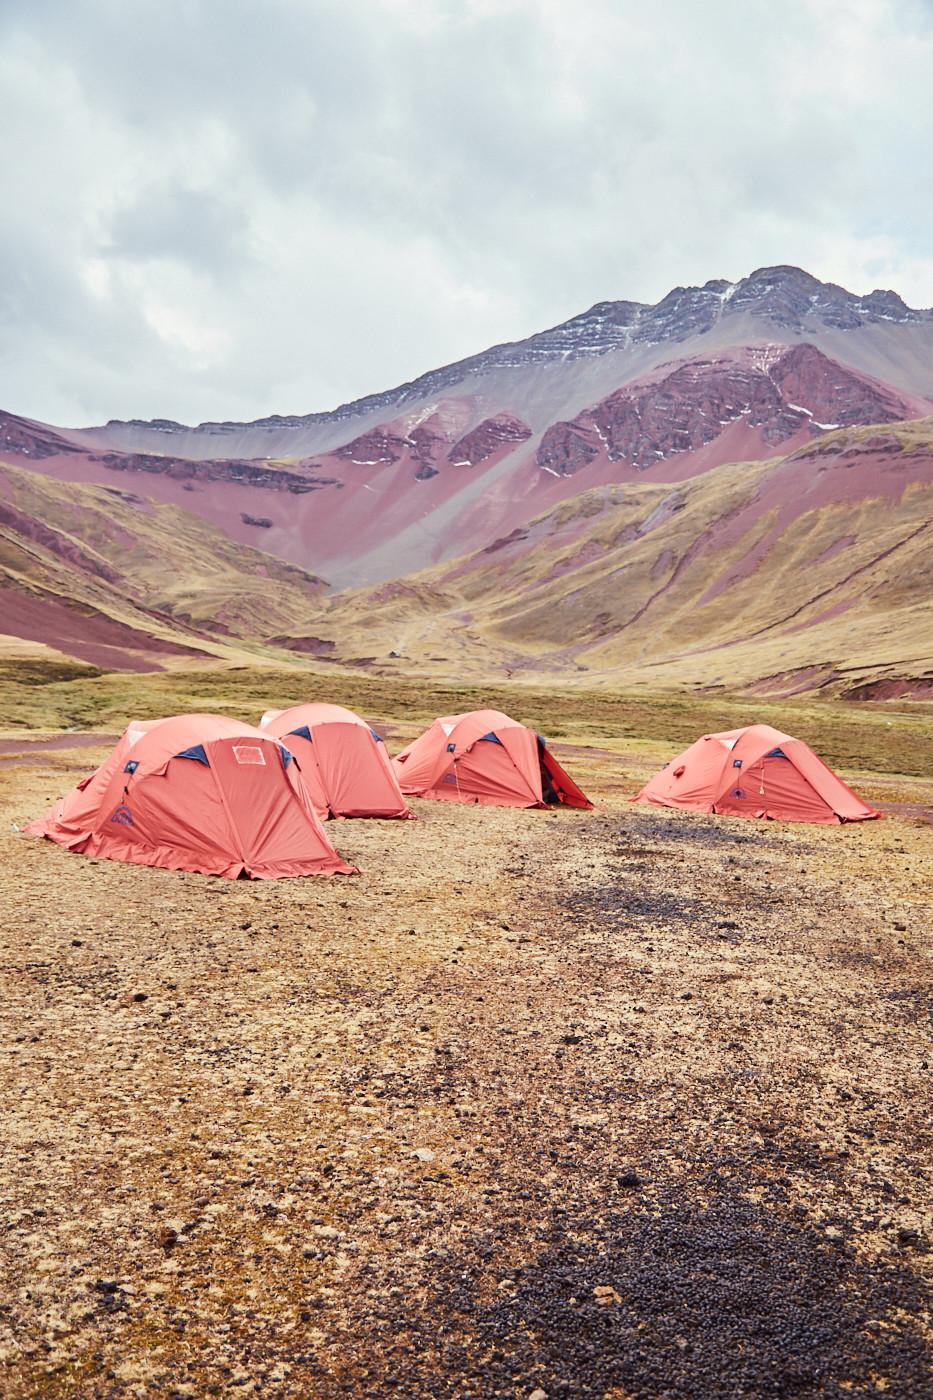 Zelten in der Wildnis von Peru - bei unserer geführten Tour mit Kallpa Adventures zum Rainbow Mountain. Bei der zweitägigen Wanderung wird der Schlafplatz mitten im Red Valley aufgeschlagen